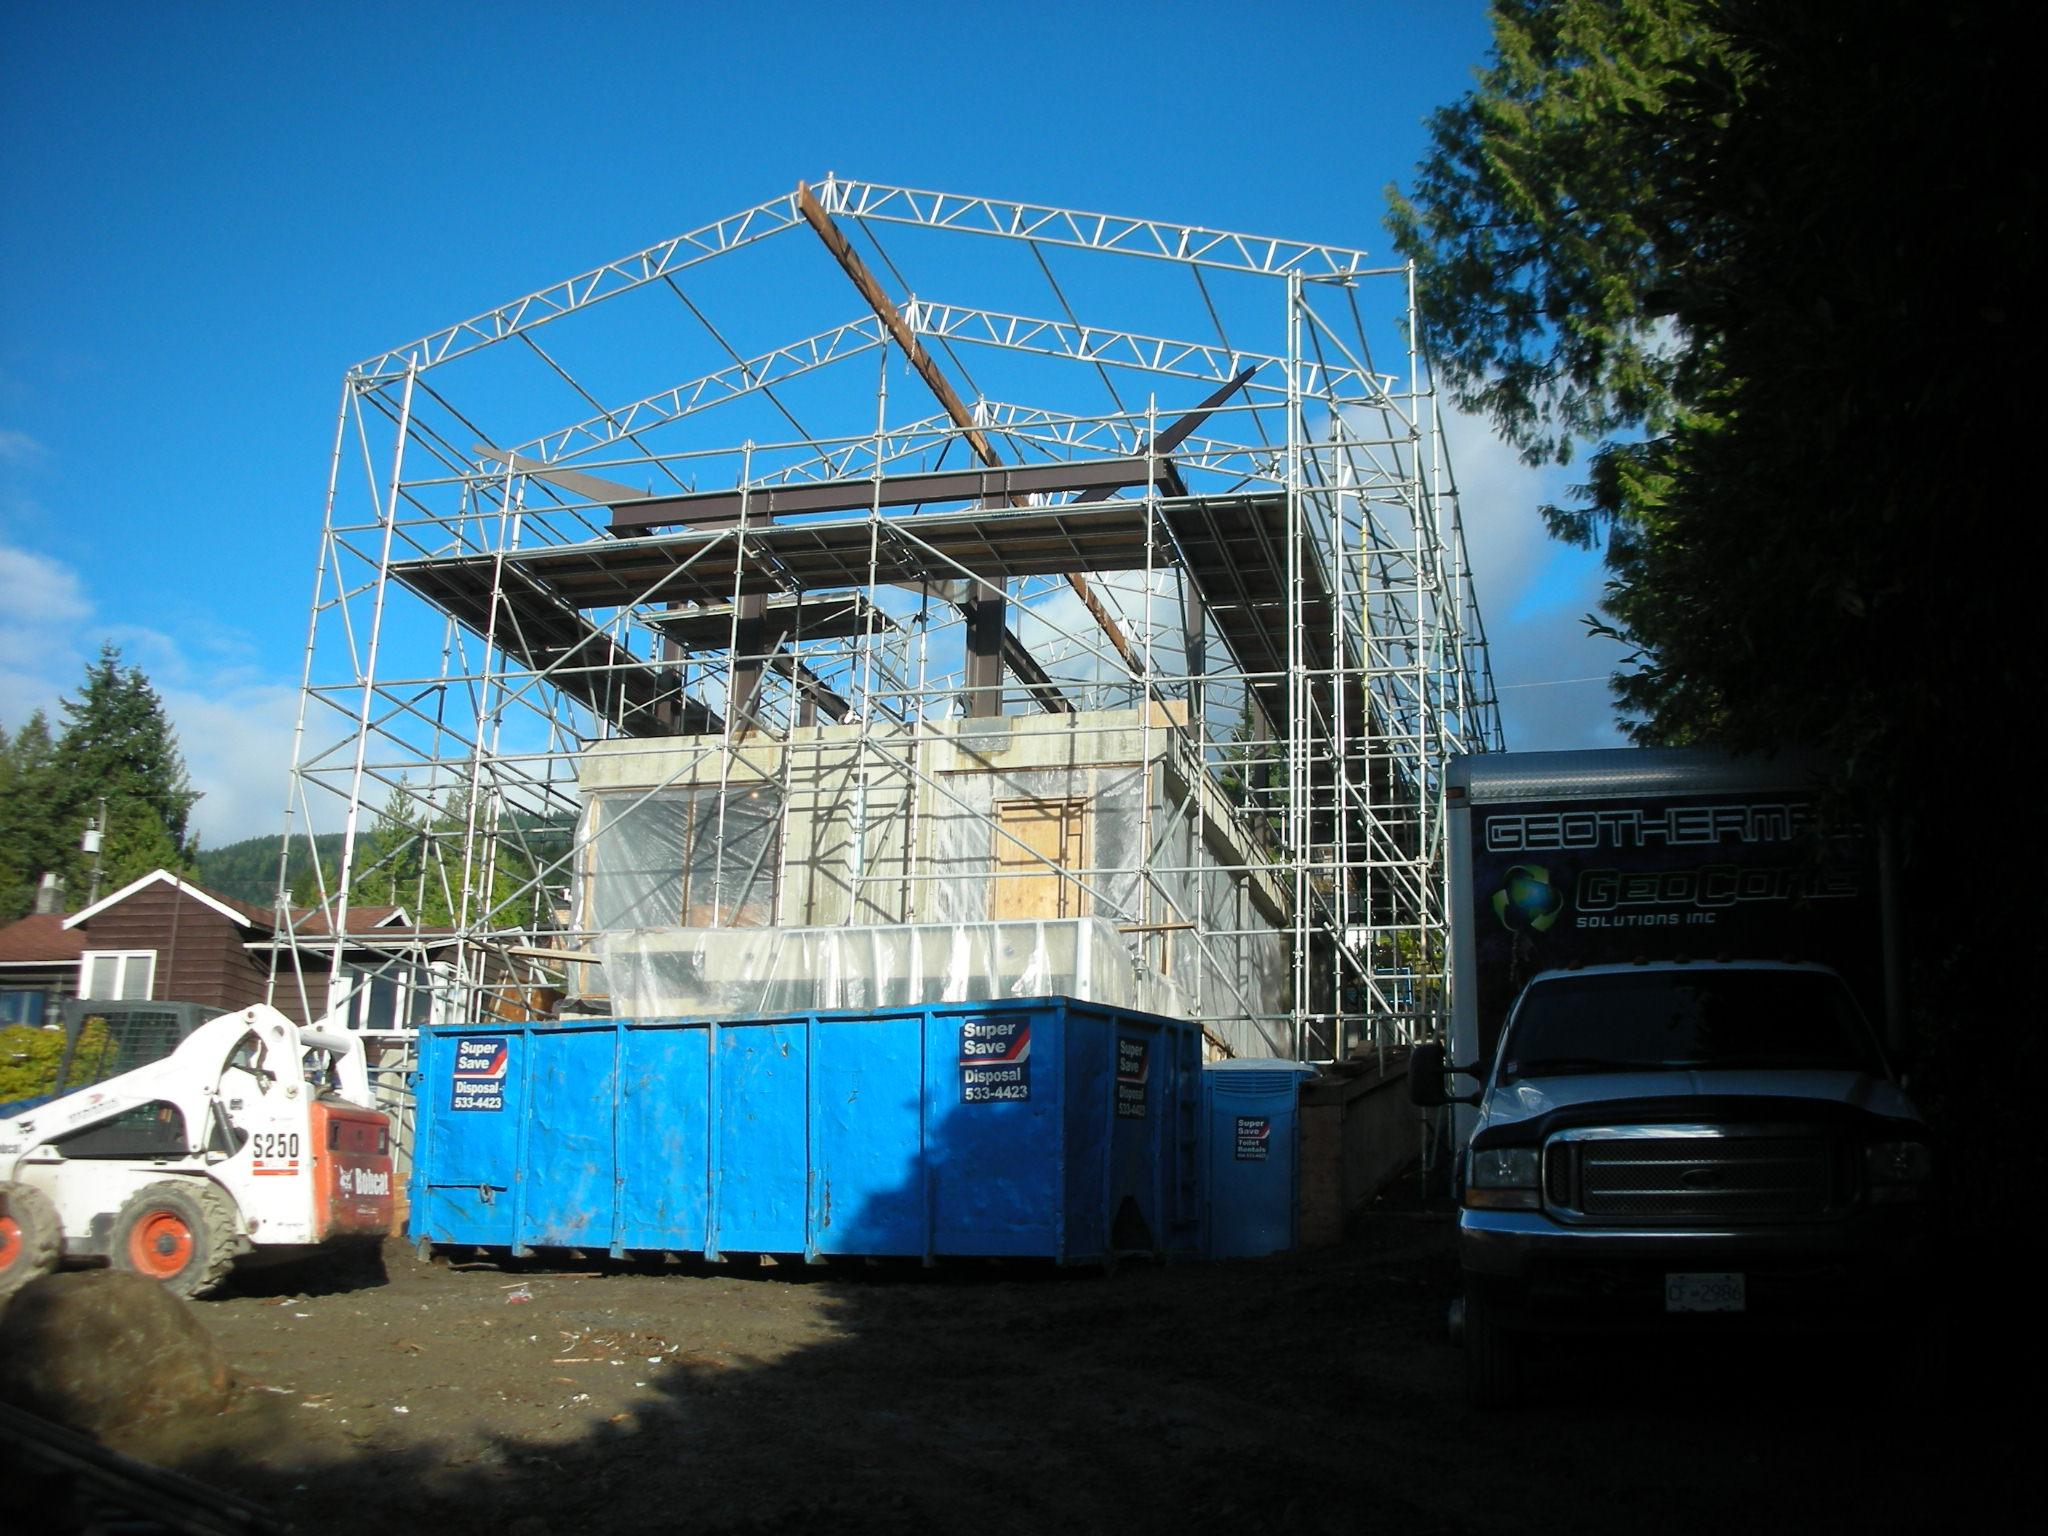 2010-10-16 018.jpg